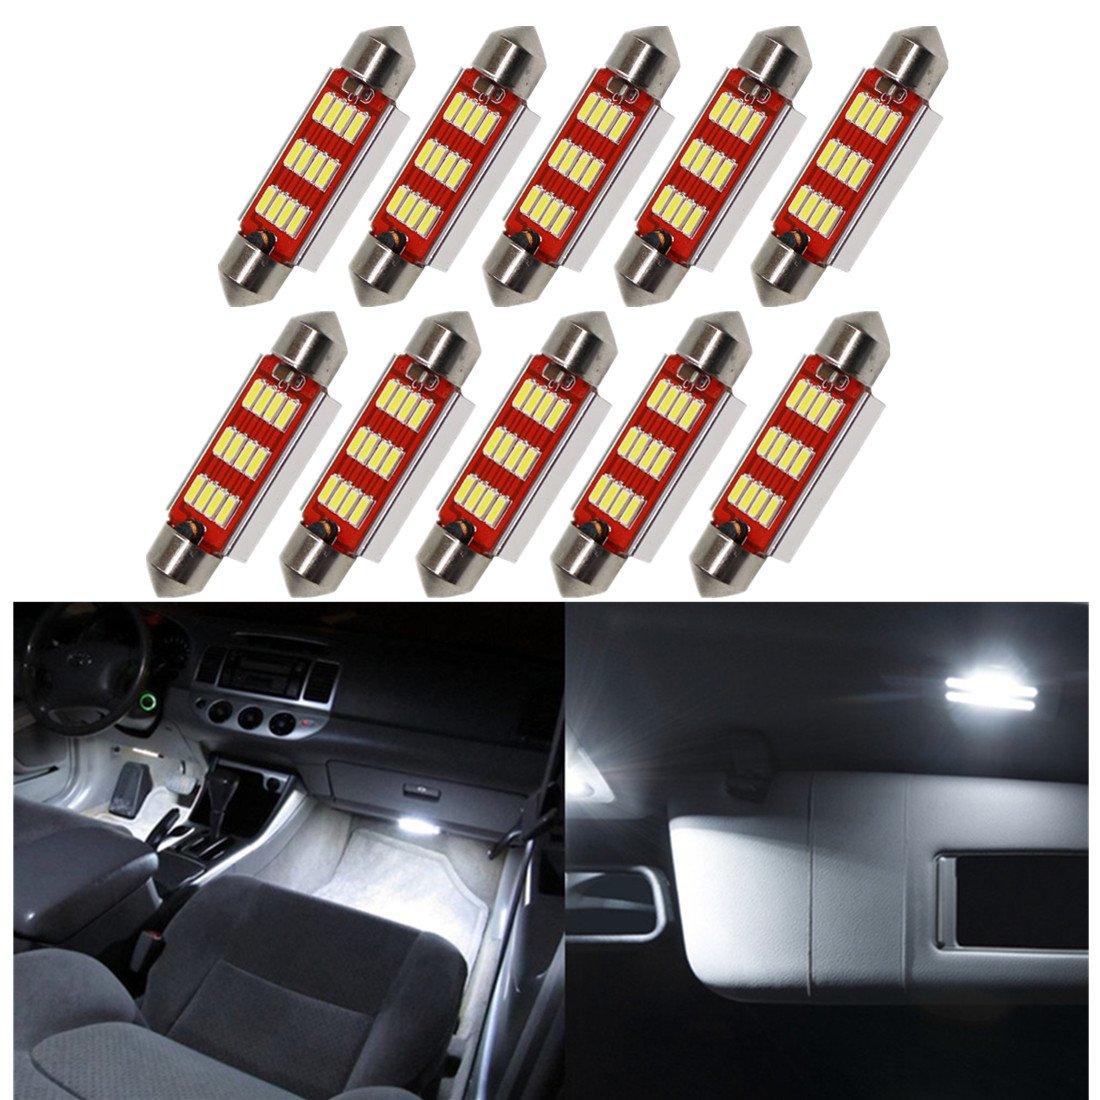 FEZZ Automobile LED Lampadine Interne Festoon 36mm C5W C10W CANBUS 4014 12SMD 5W FZ0186-01